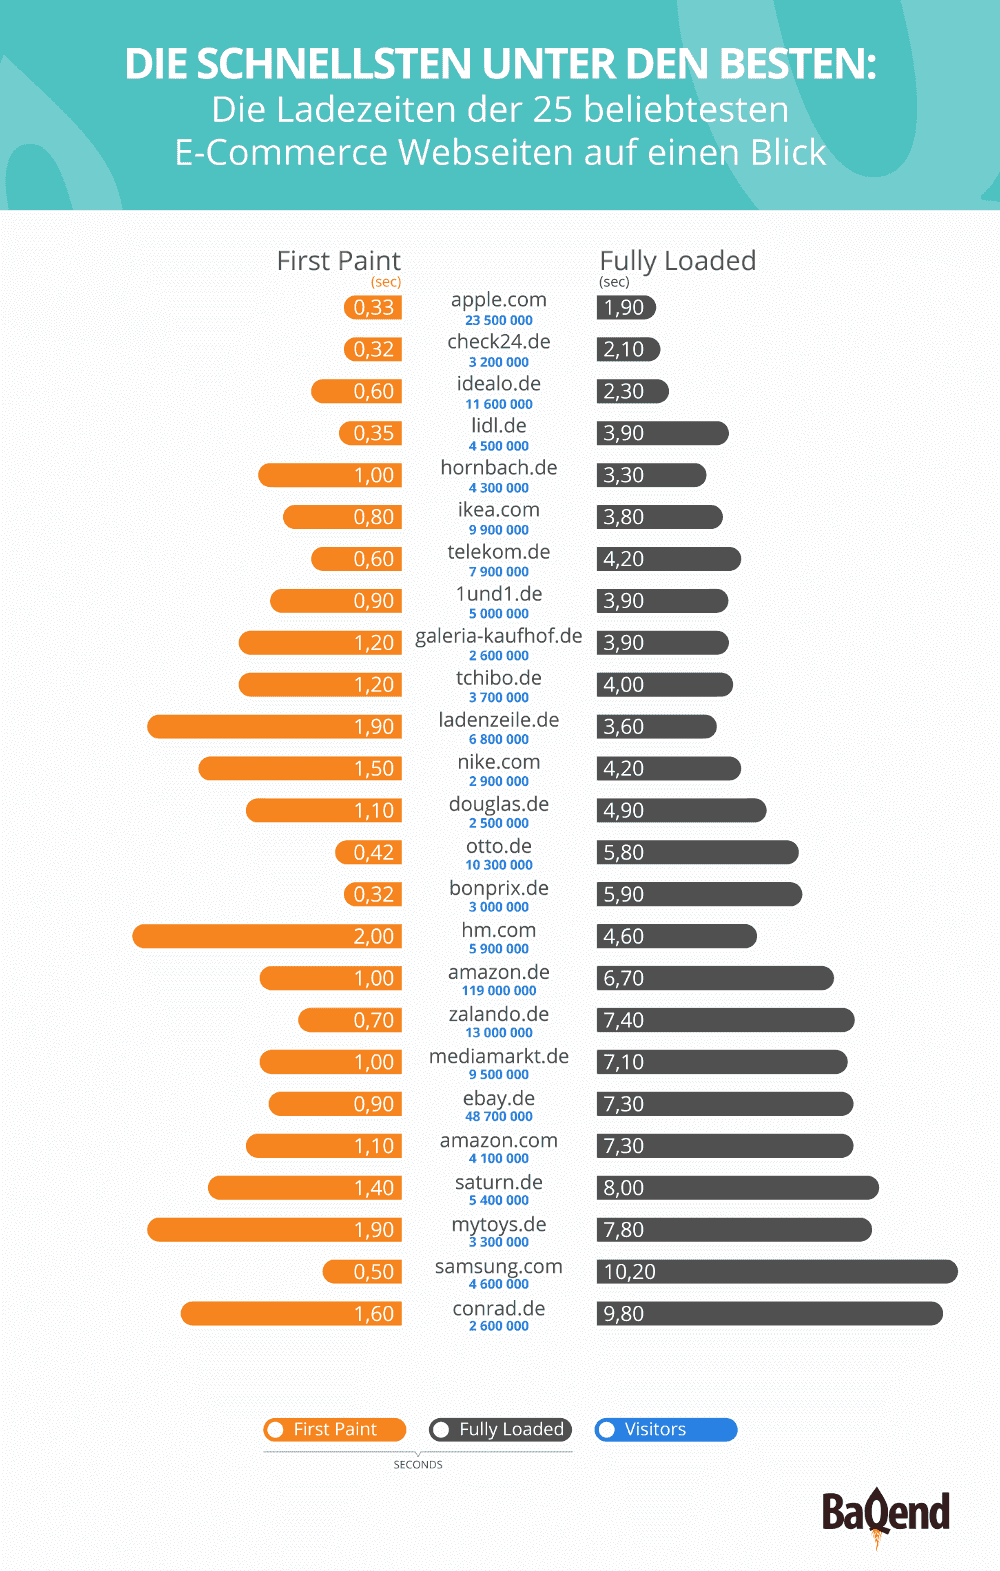 Infografik - Die Schnellsten unter den Besten by Baqend